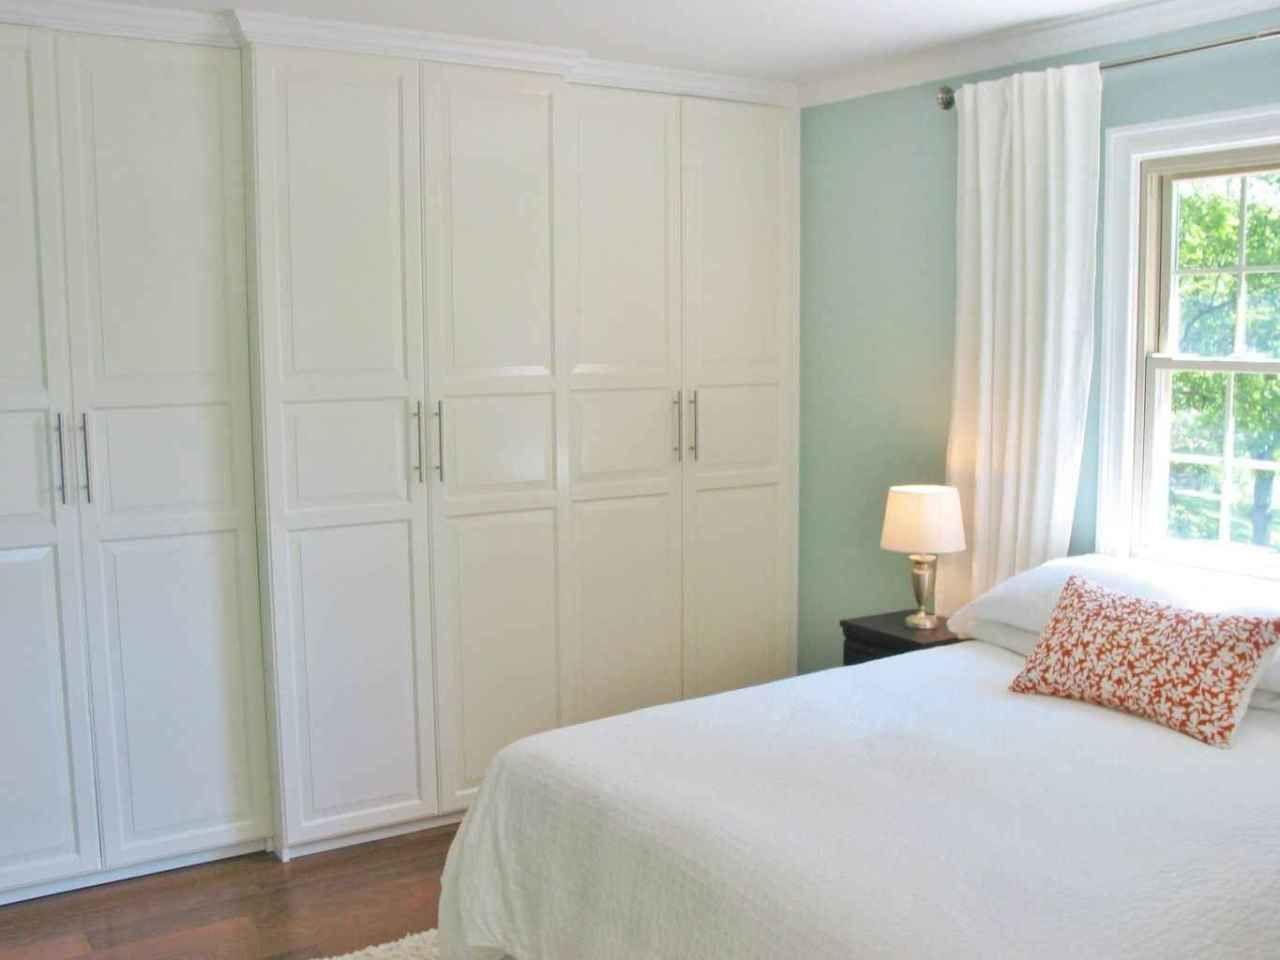 50 Best Small Bedroom Organization Ideas Small Master Bedroom